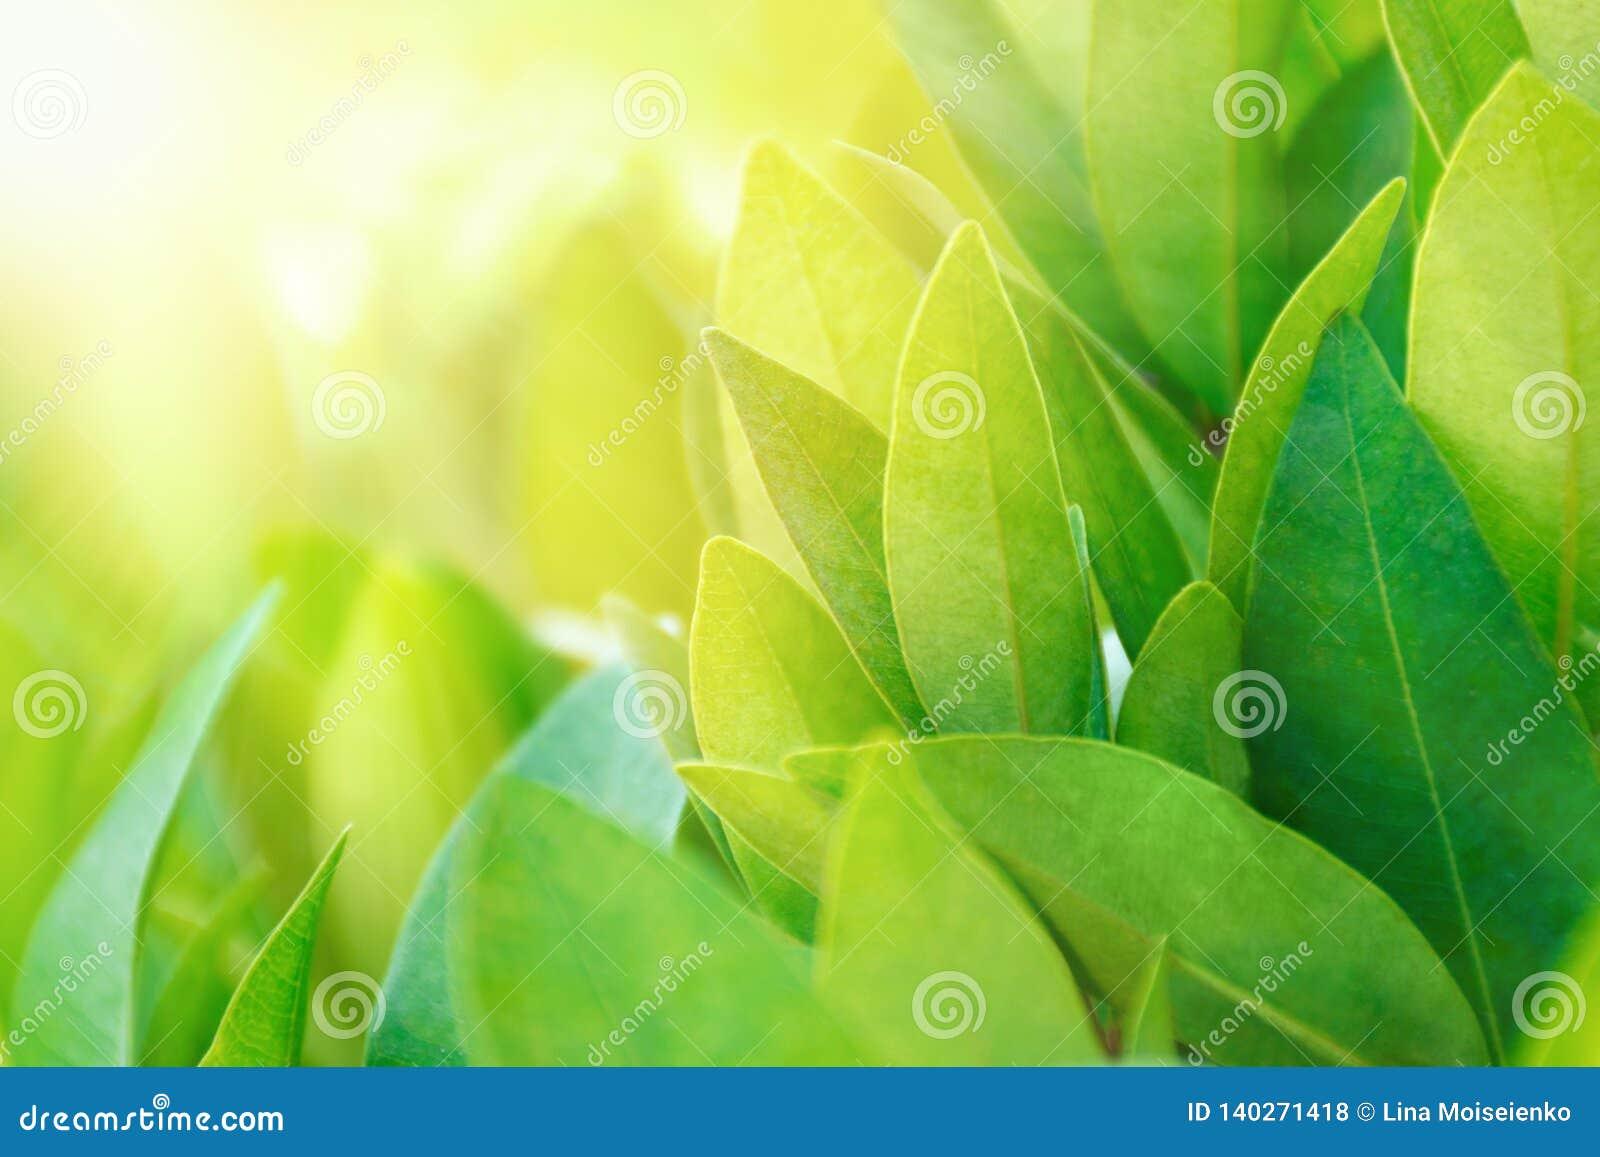 Folhas de chá na plantação em feixes da luz solar Arbusto fresco do chá verde